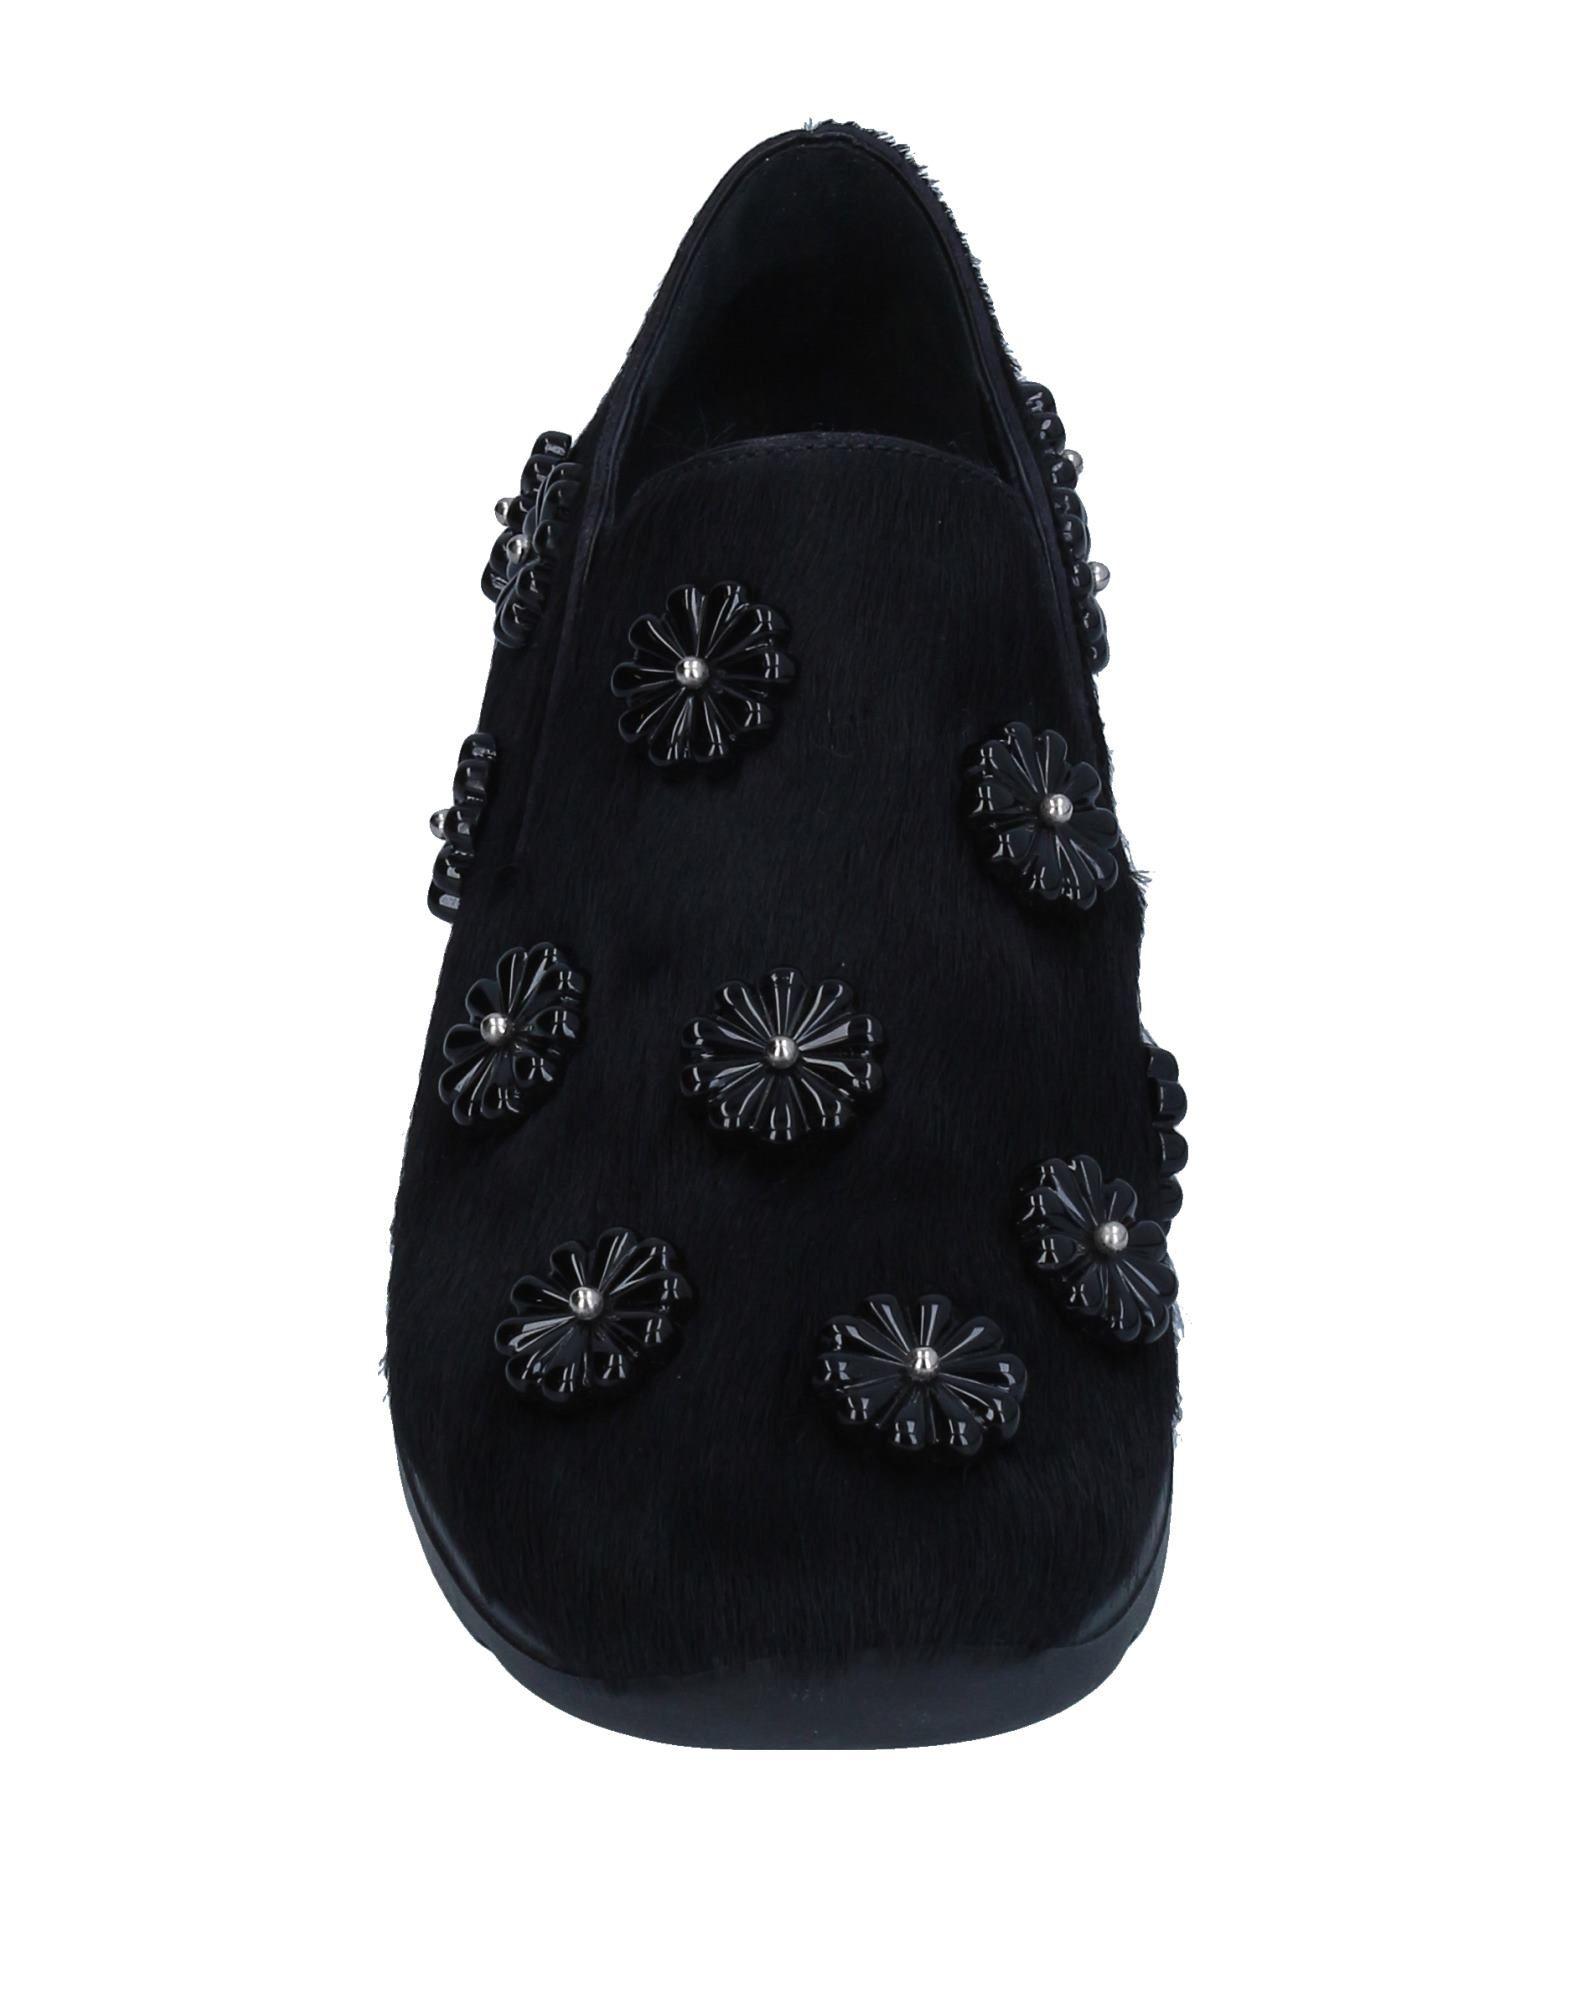 Stilvolle billige Sneakers Schuhe Simone Rocha Sneakers billige Damen  11354569FJ 0e6899